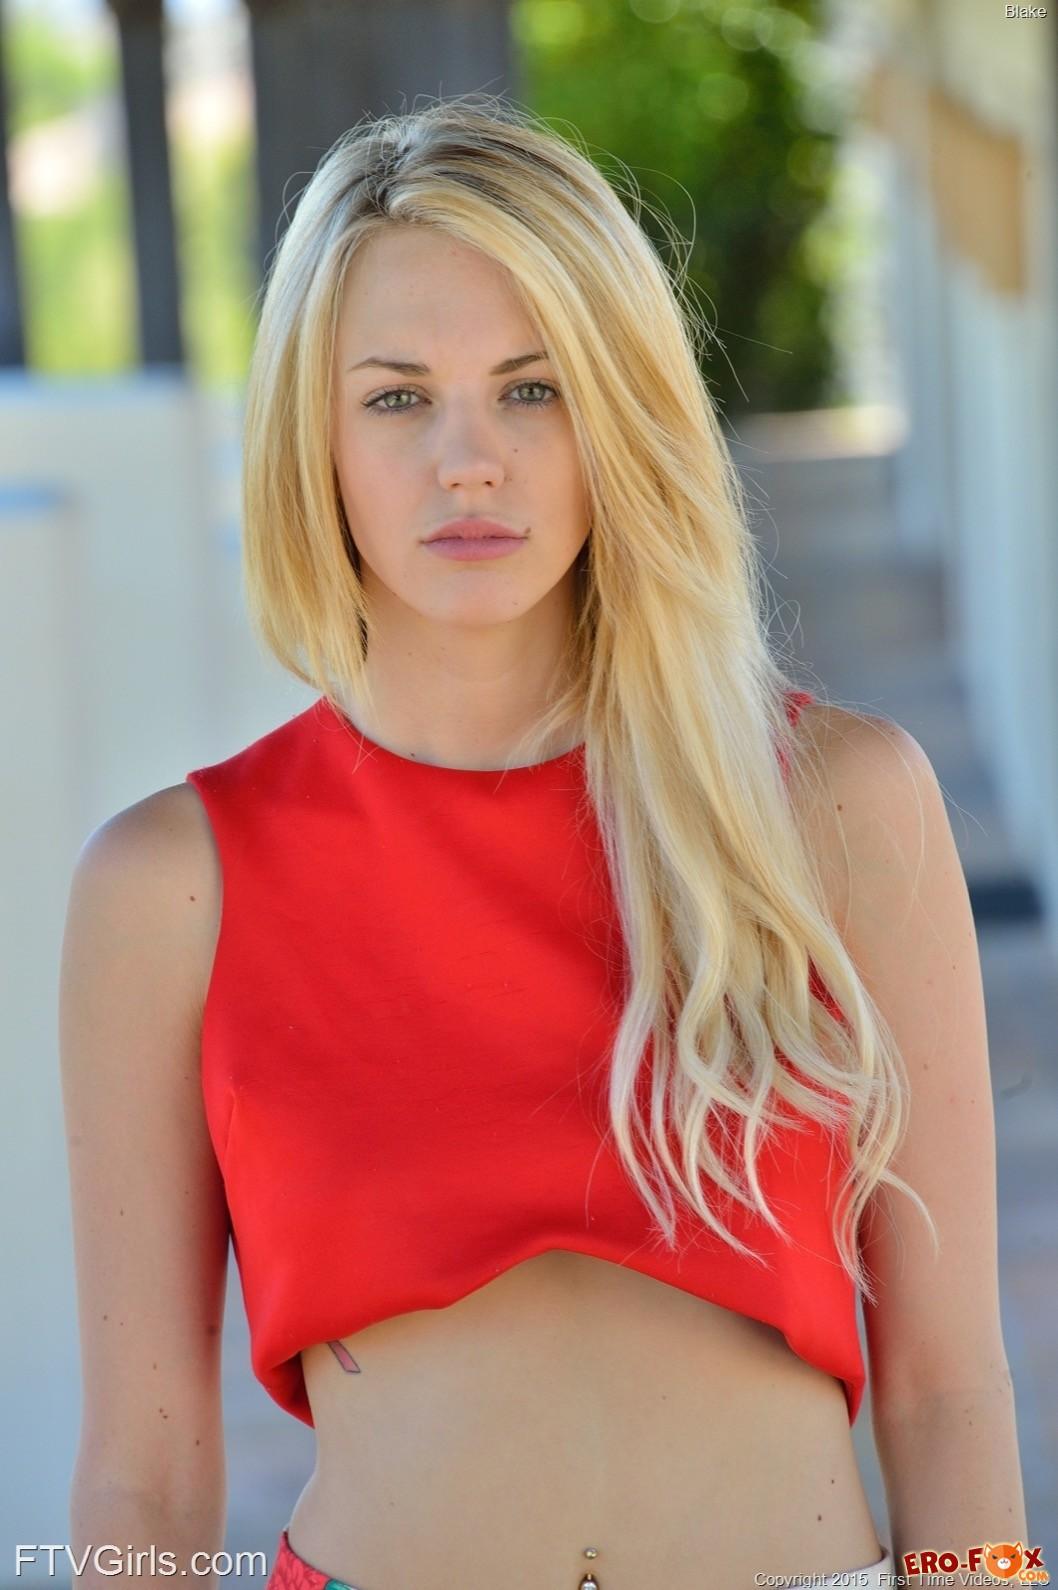 Блондинка в разных нарядах позирует на улице